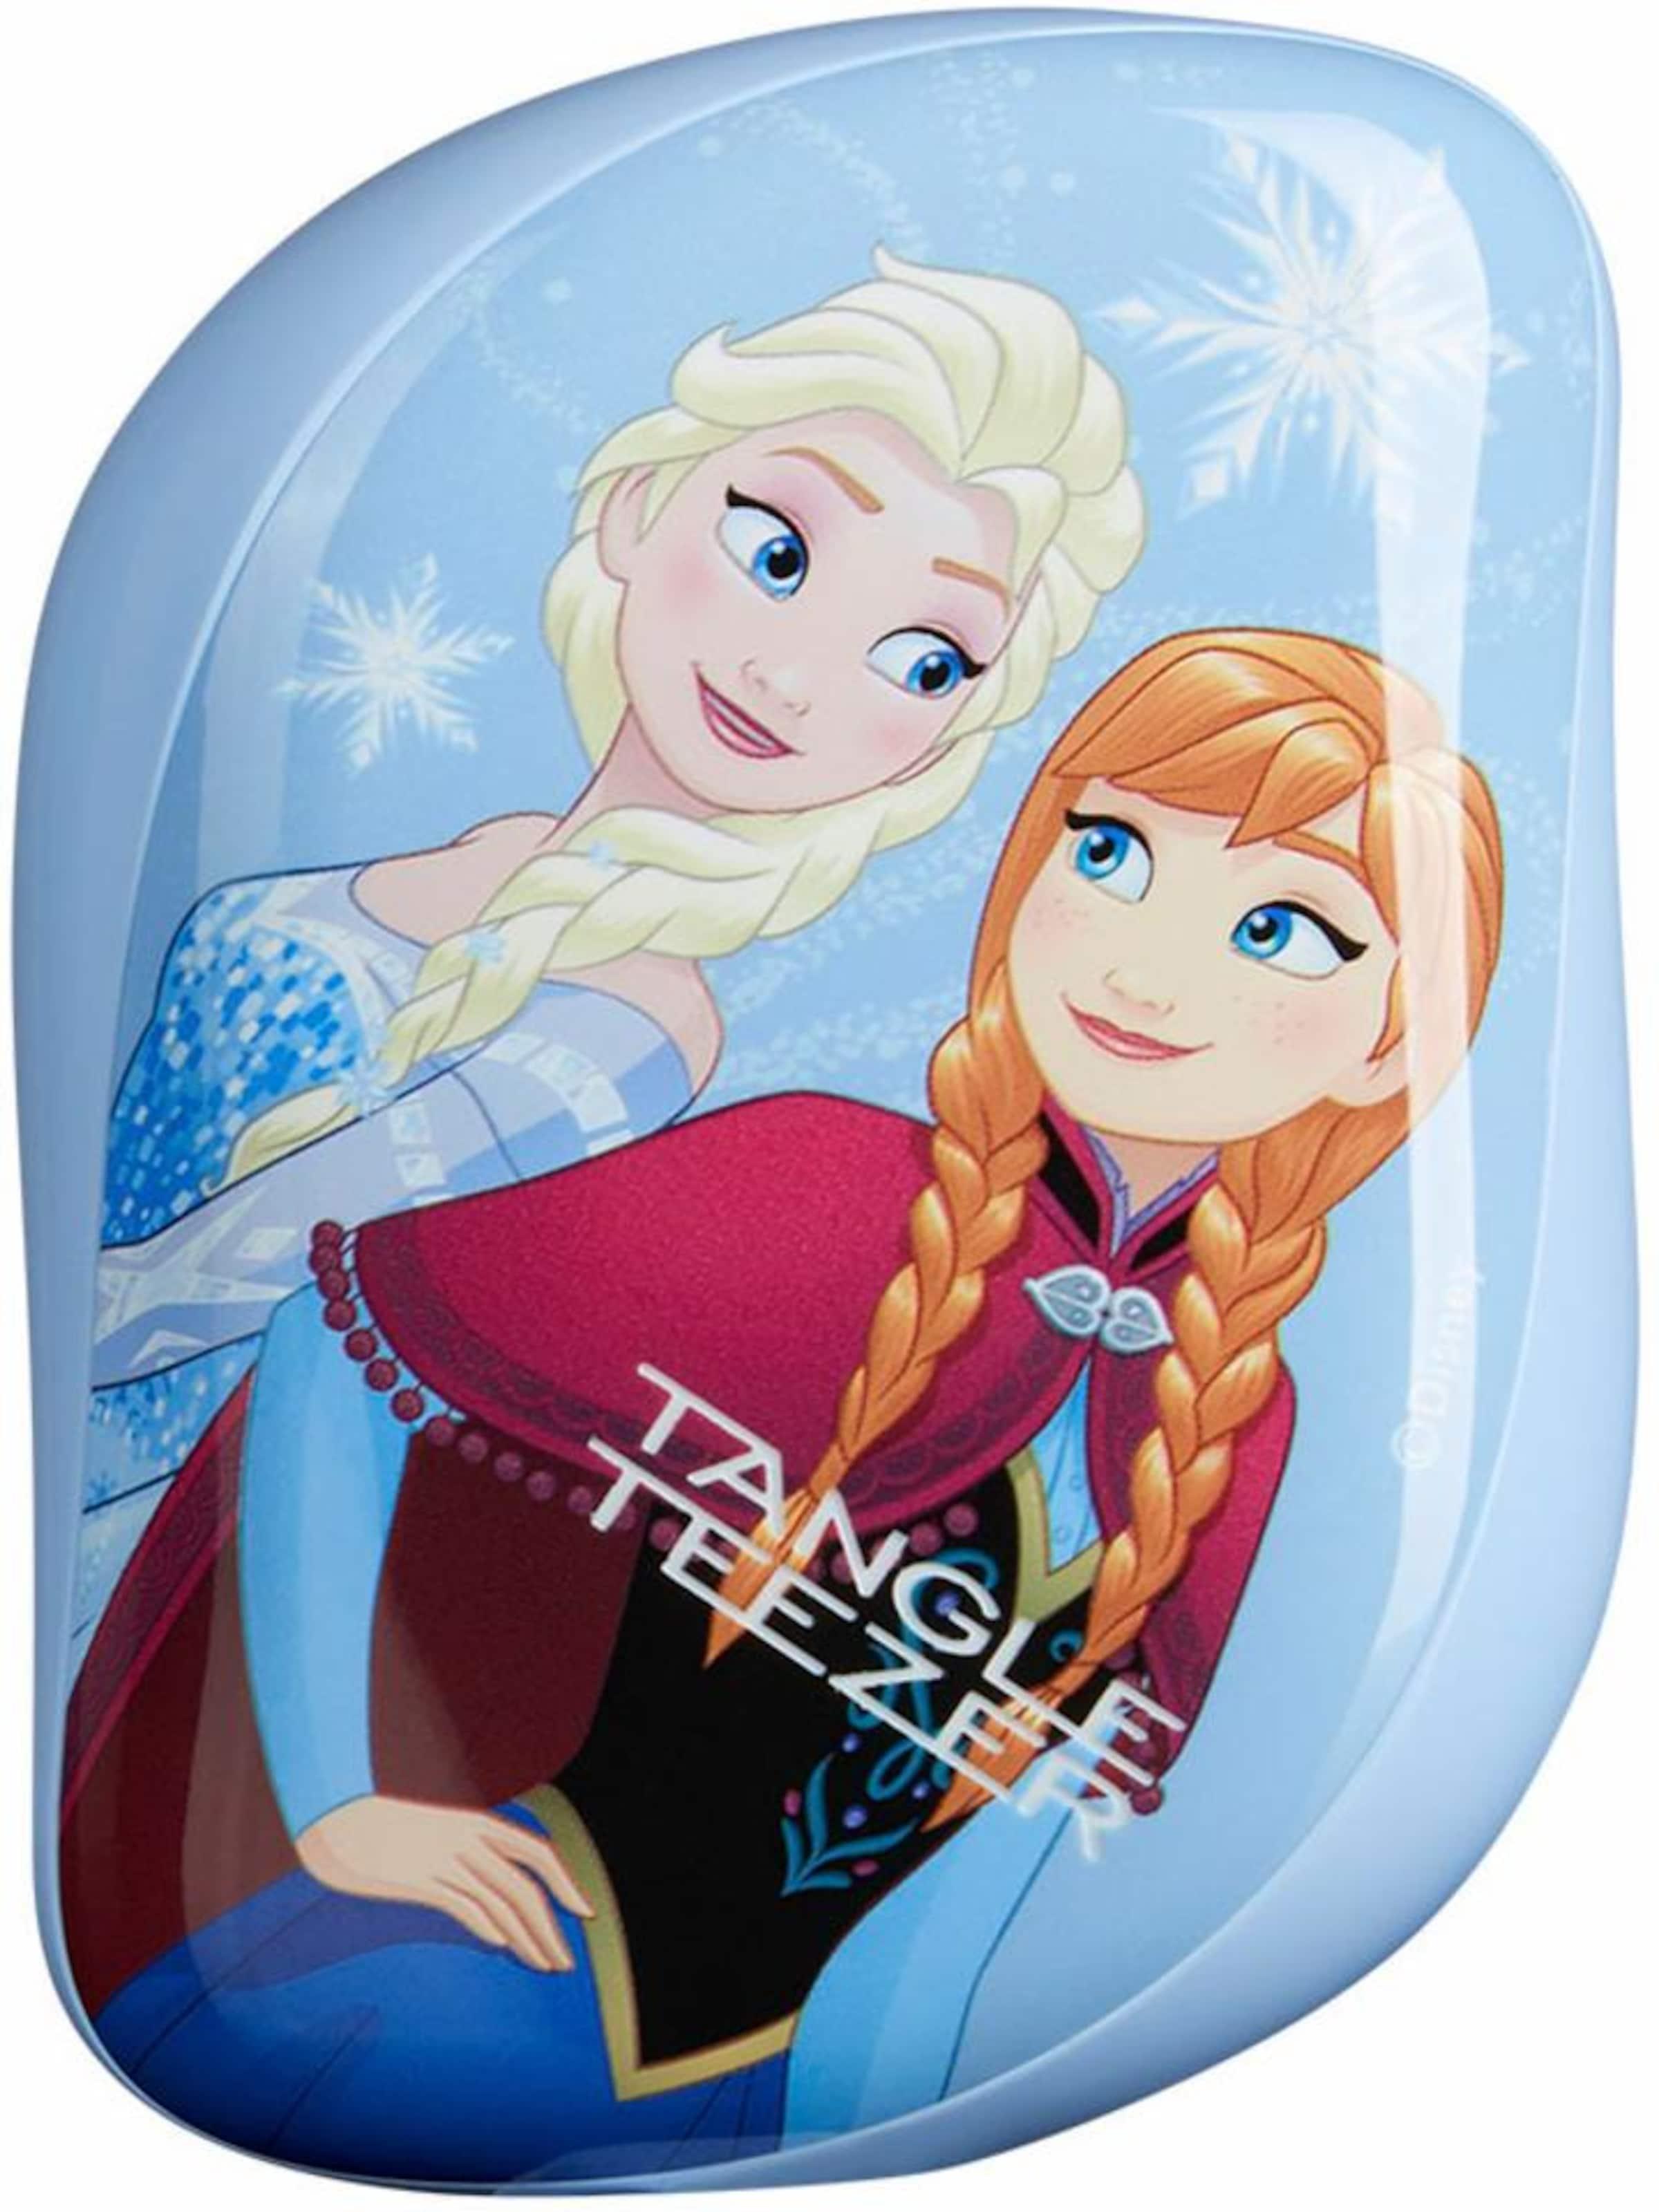 Billig Verkauf Blick Erhalten Günstig Online Kaufen TANGLE TEEZER Compact Styler 'Frozen' Visa-Zahlung 4kOgLms